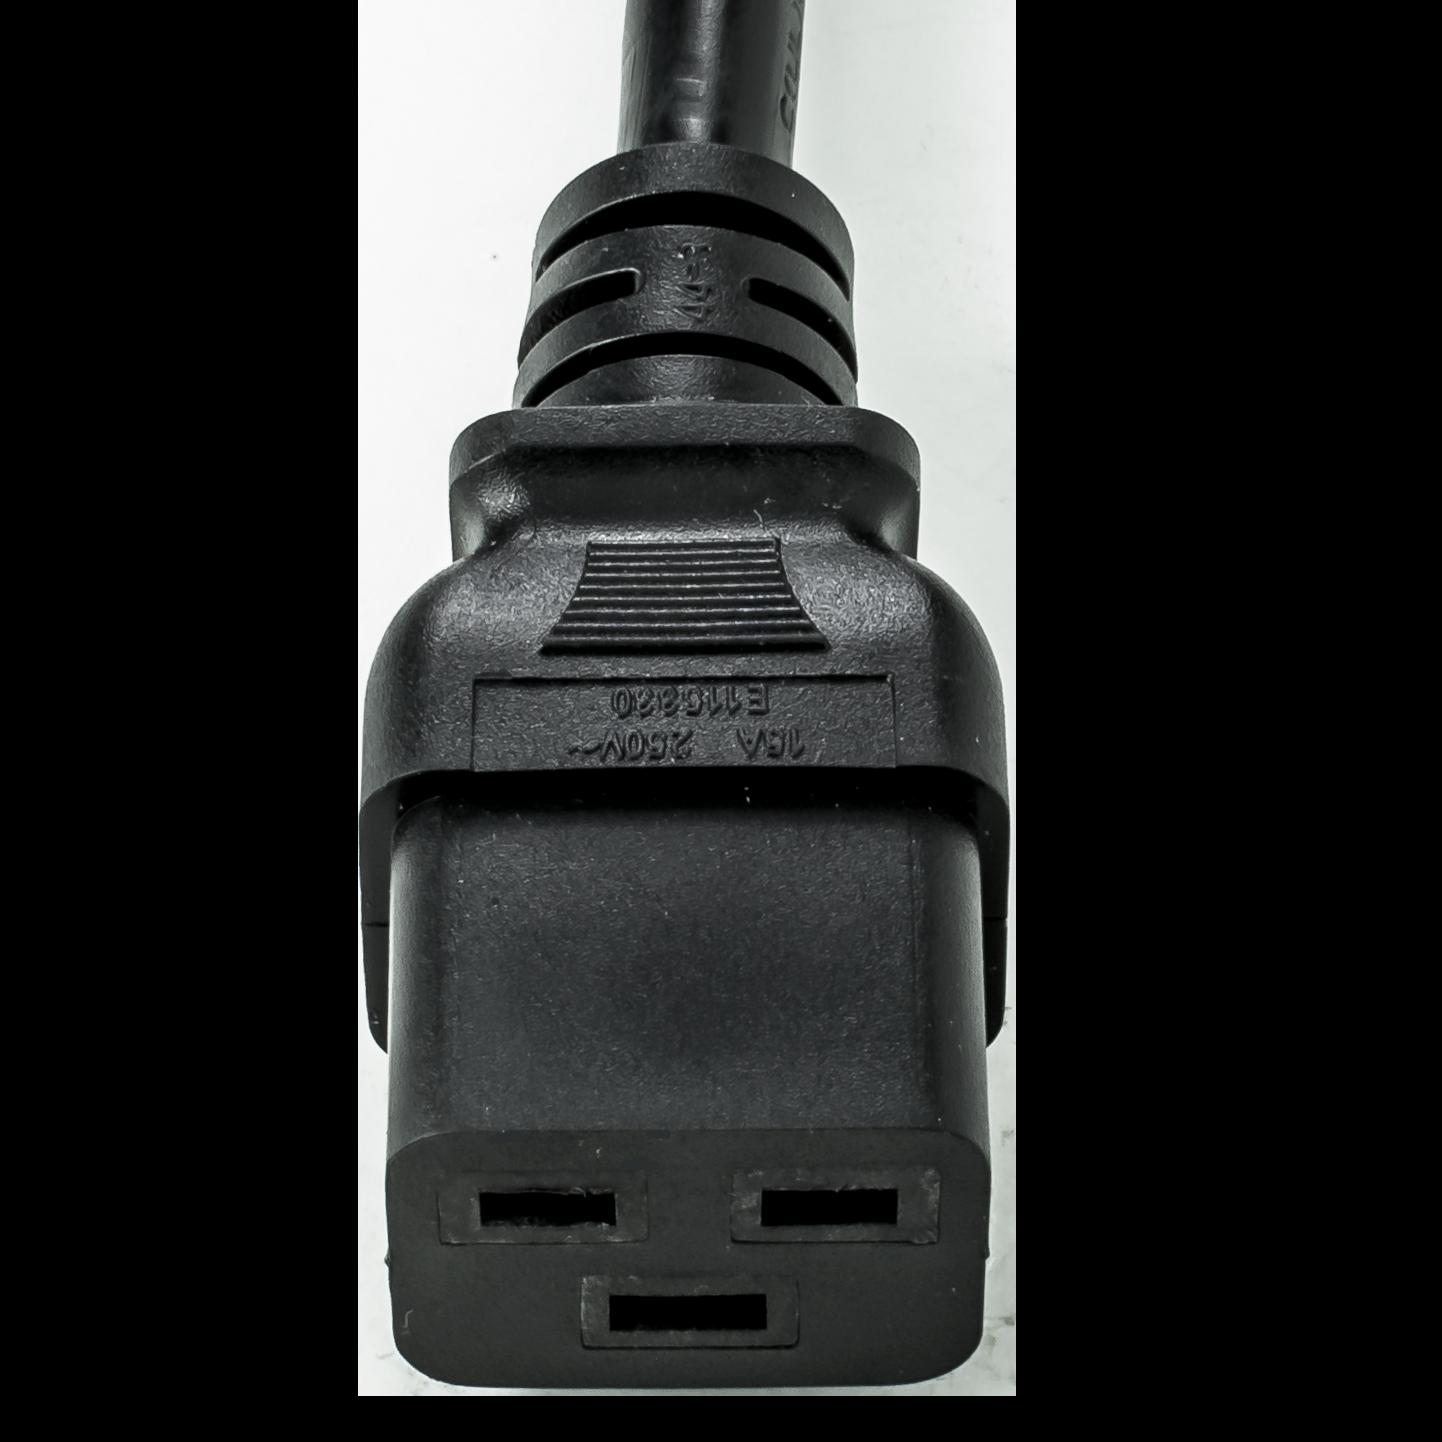 Black 15A C14 C19 Power Cords